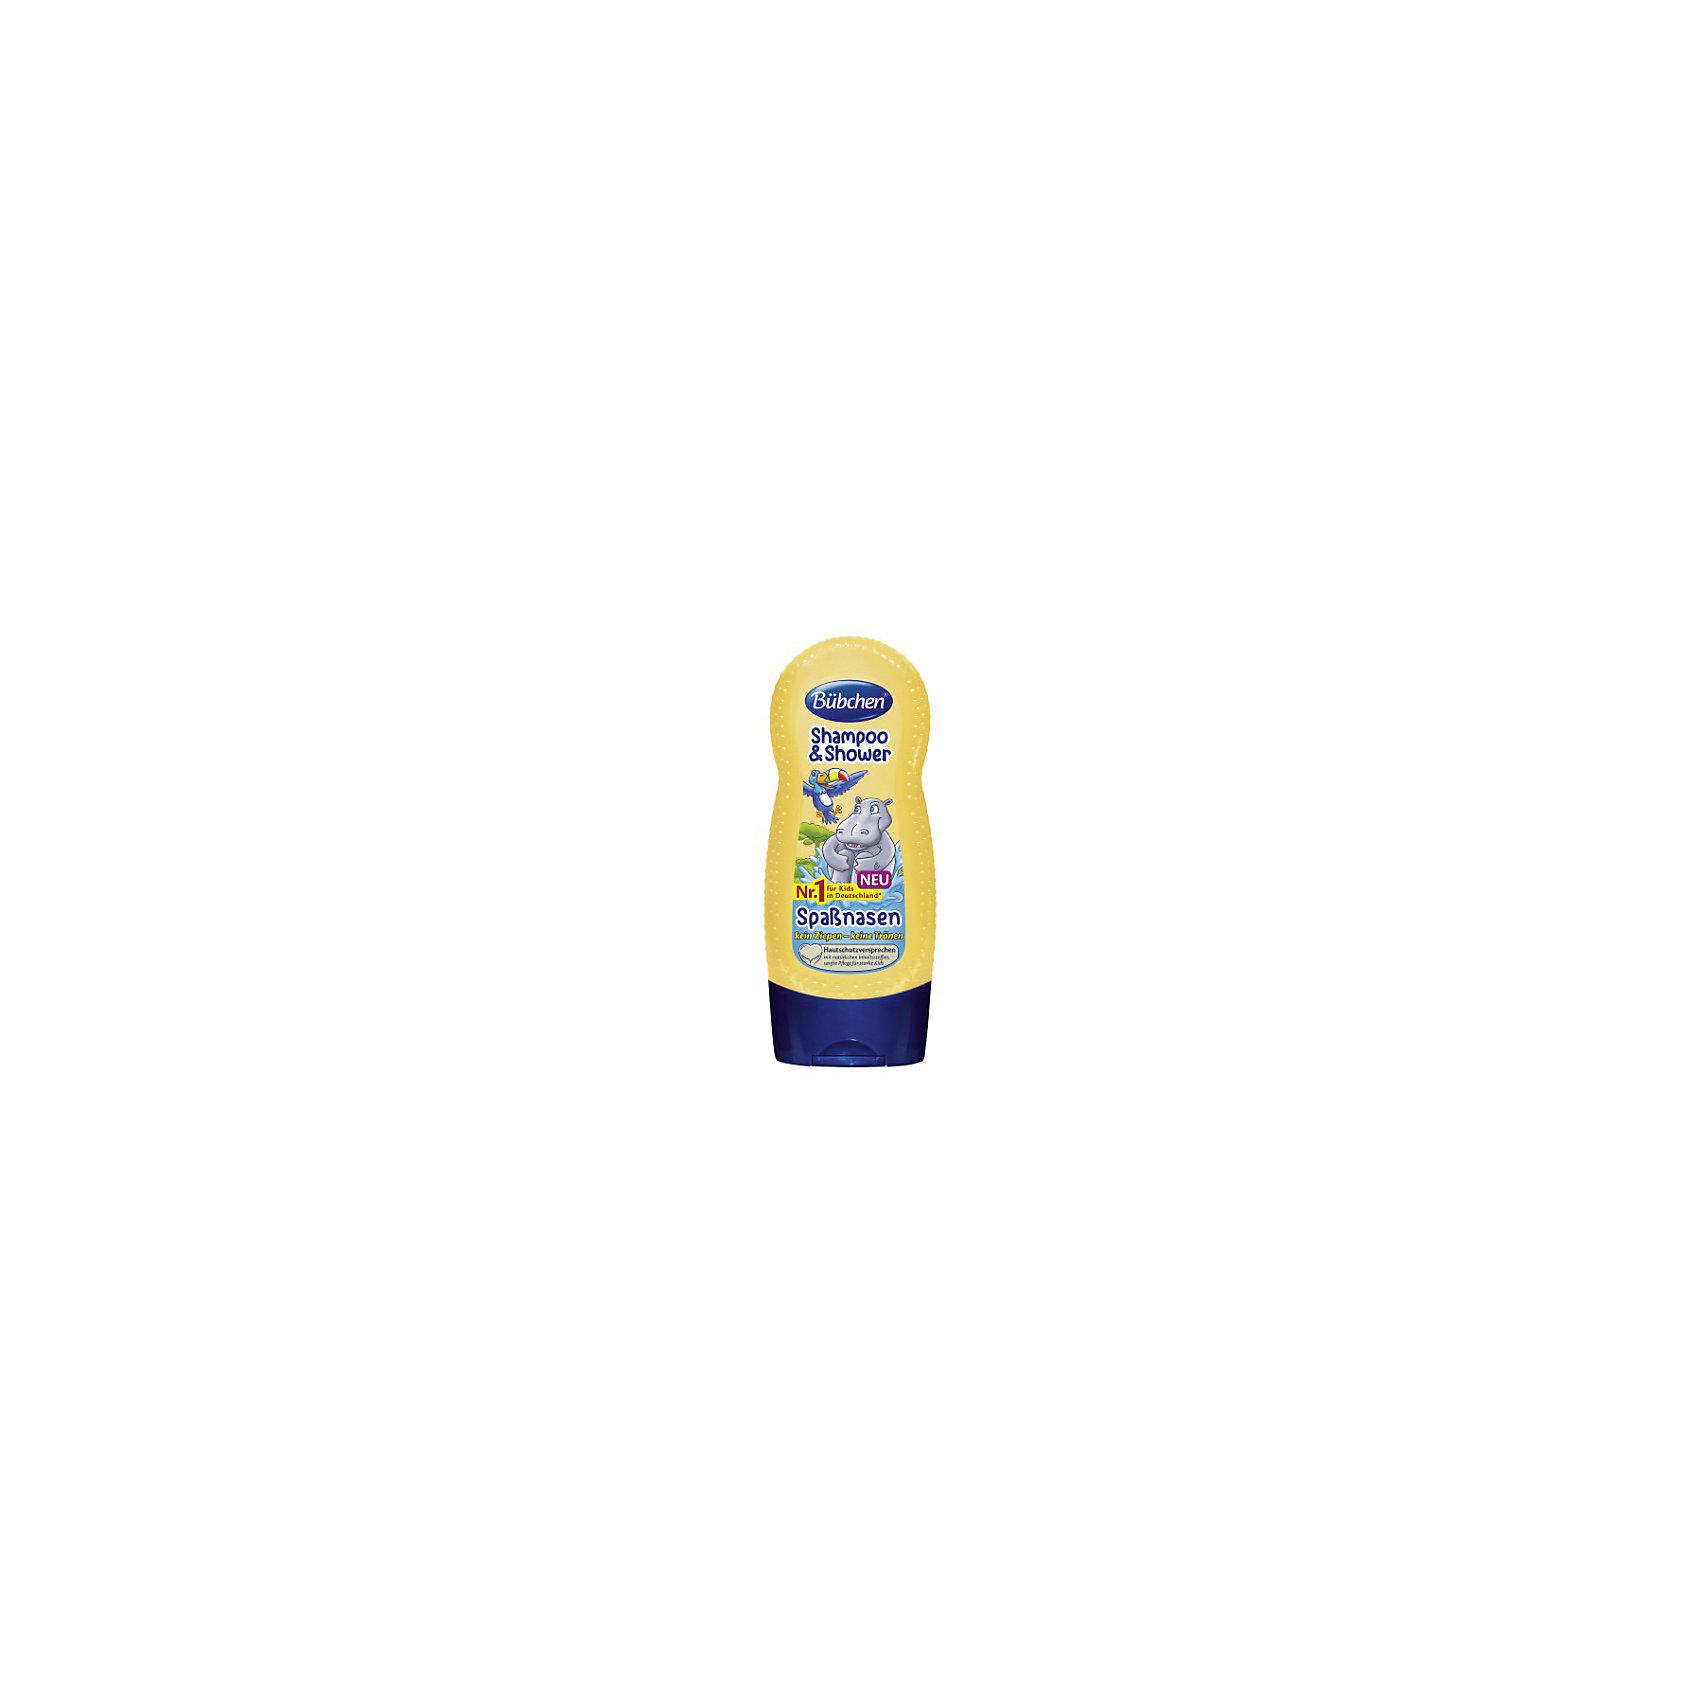 Шампунь для мытья волос и тела Лимпопо, BUBCHEN, 230 мл.